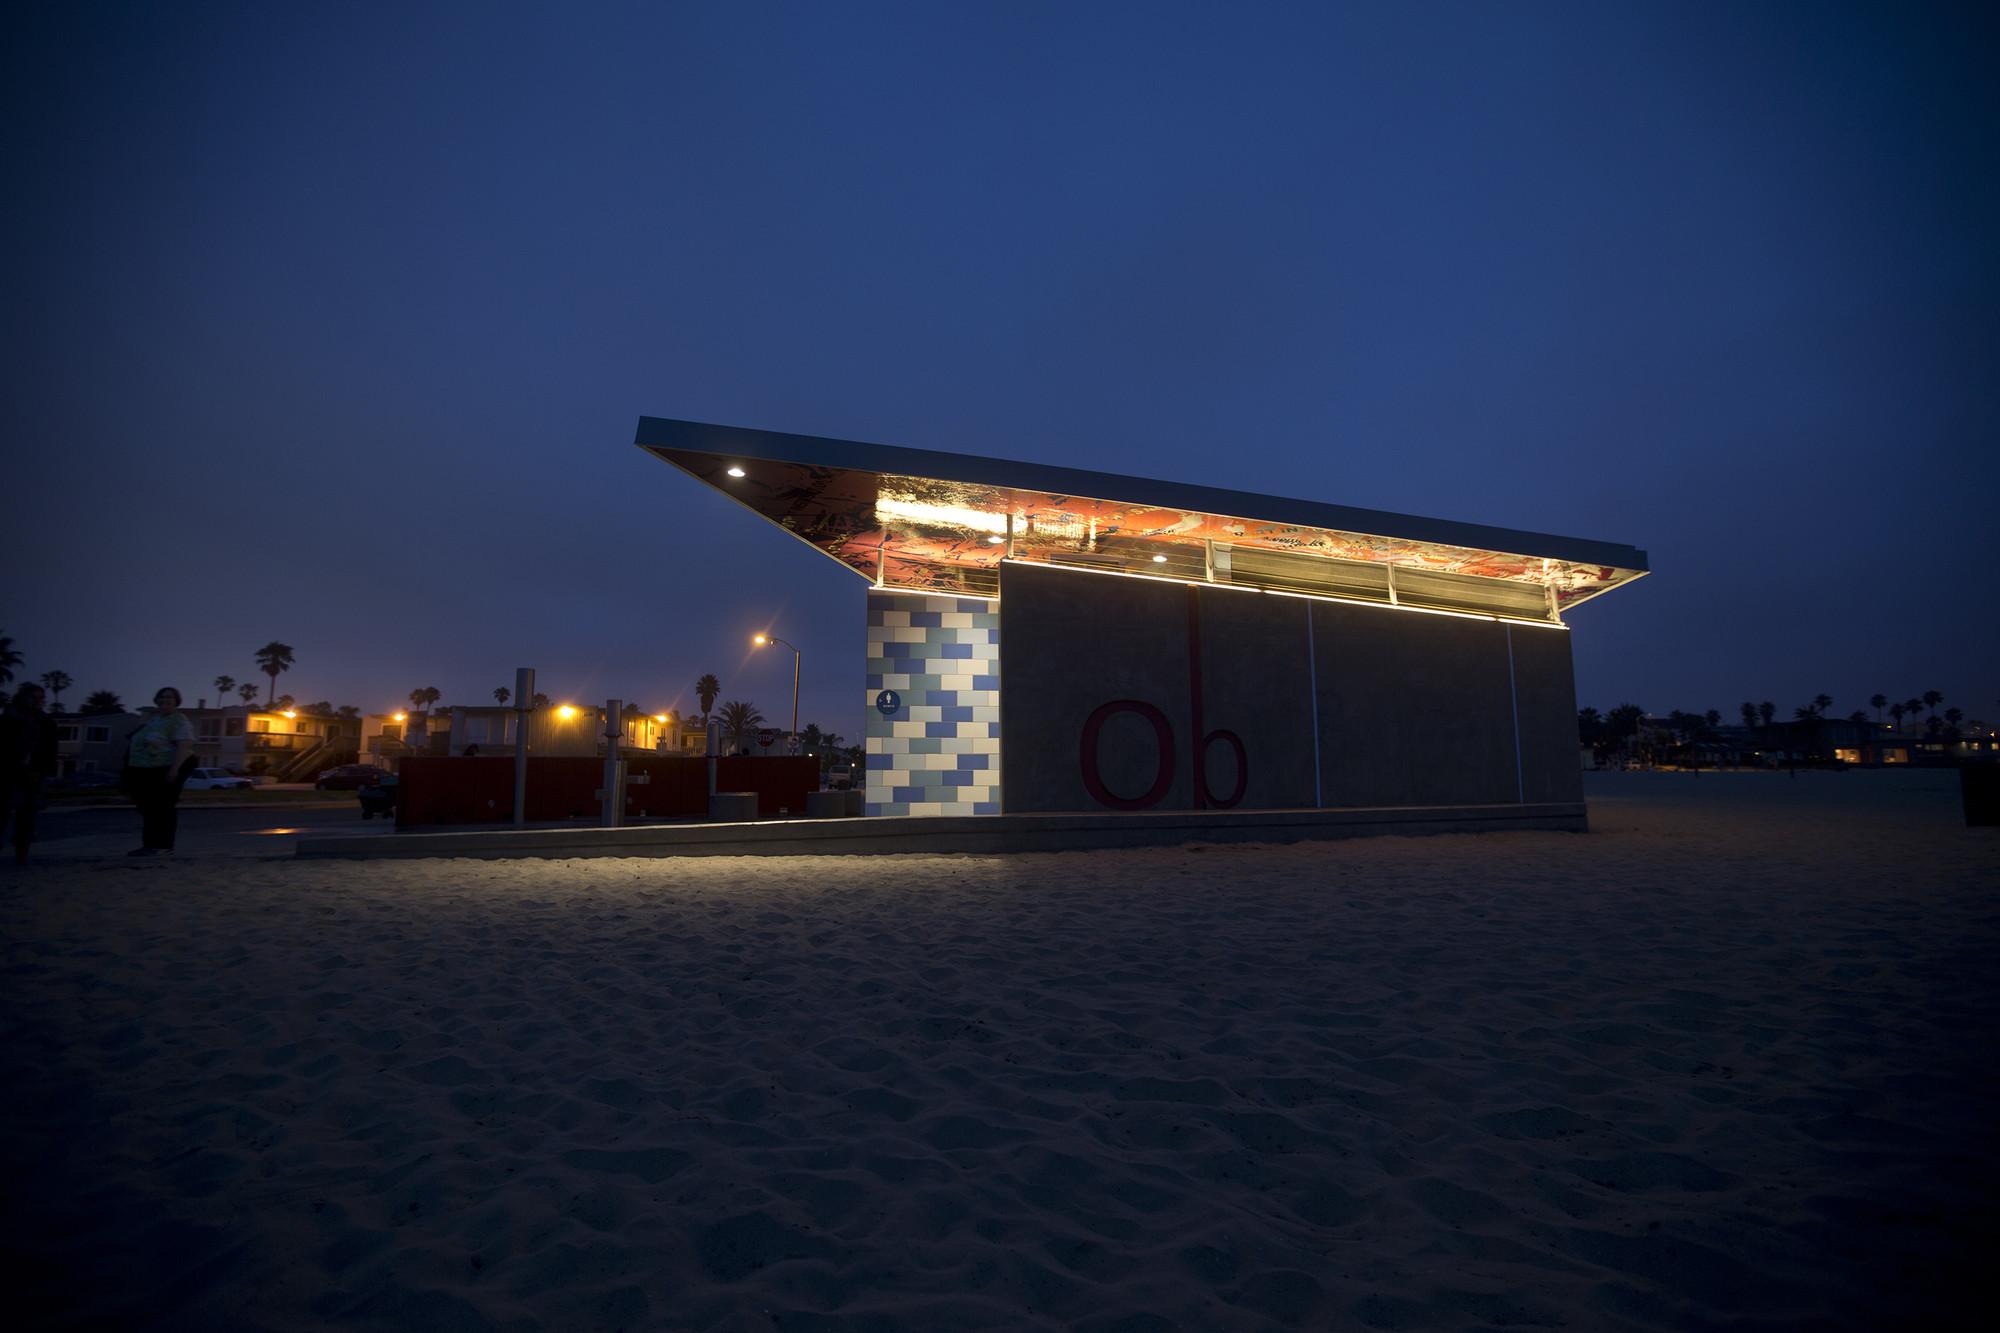 Galeria de Banheiro Público em Ocean Beach / Kevin deFreitas  #A1722A 2000 1333